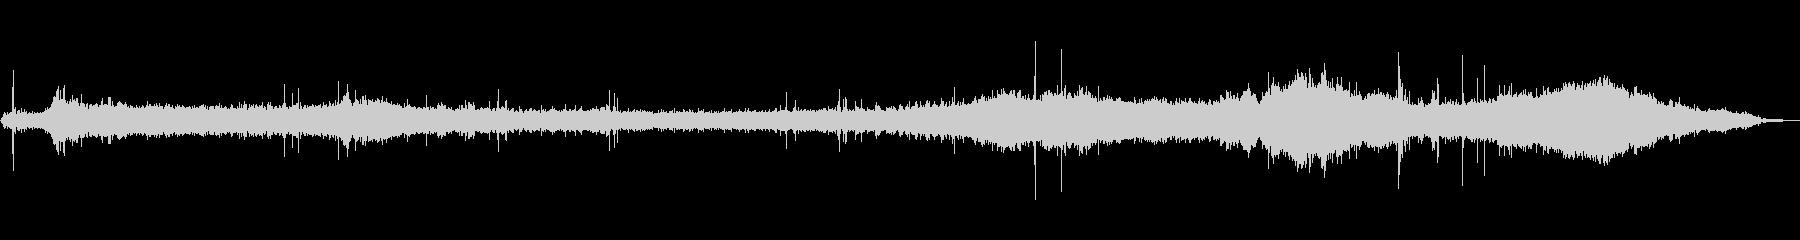 ガスローントリマー:スタート、トリ...の未再生の波形